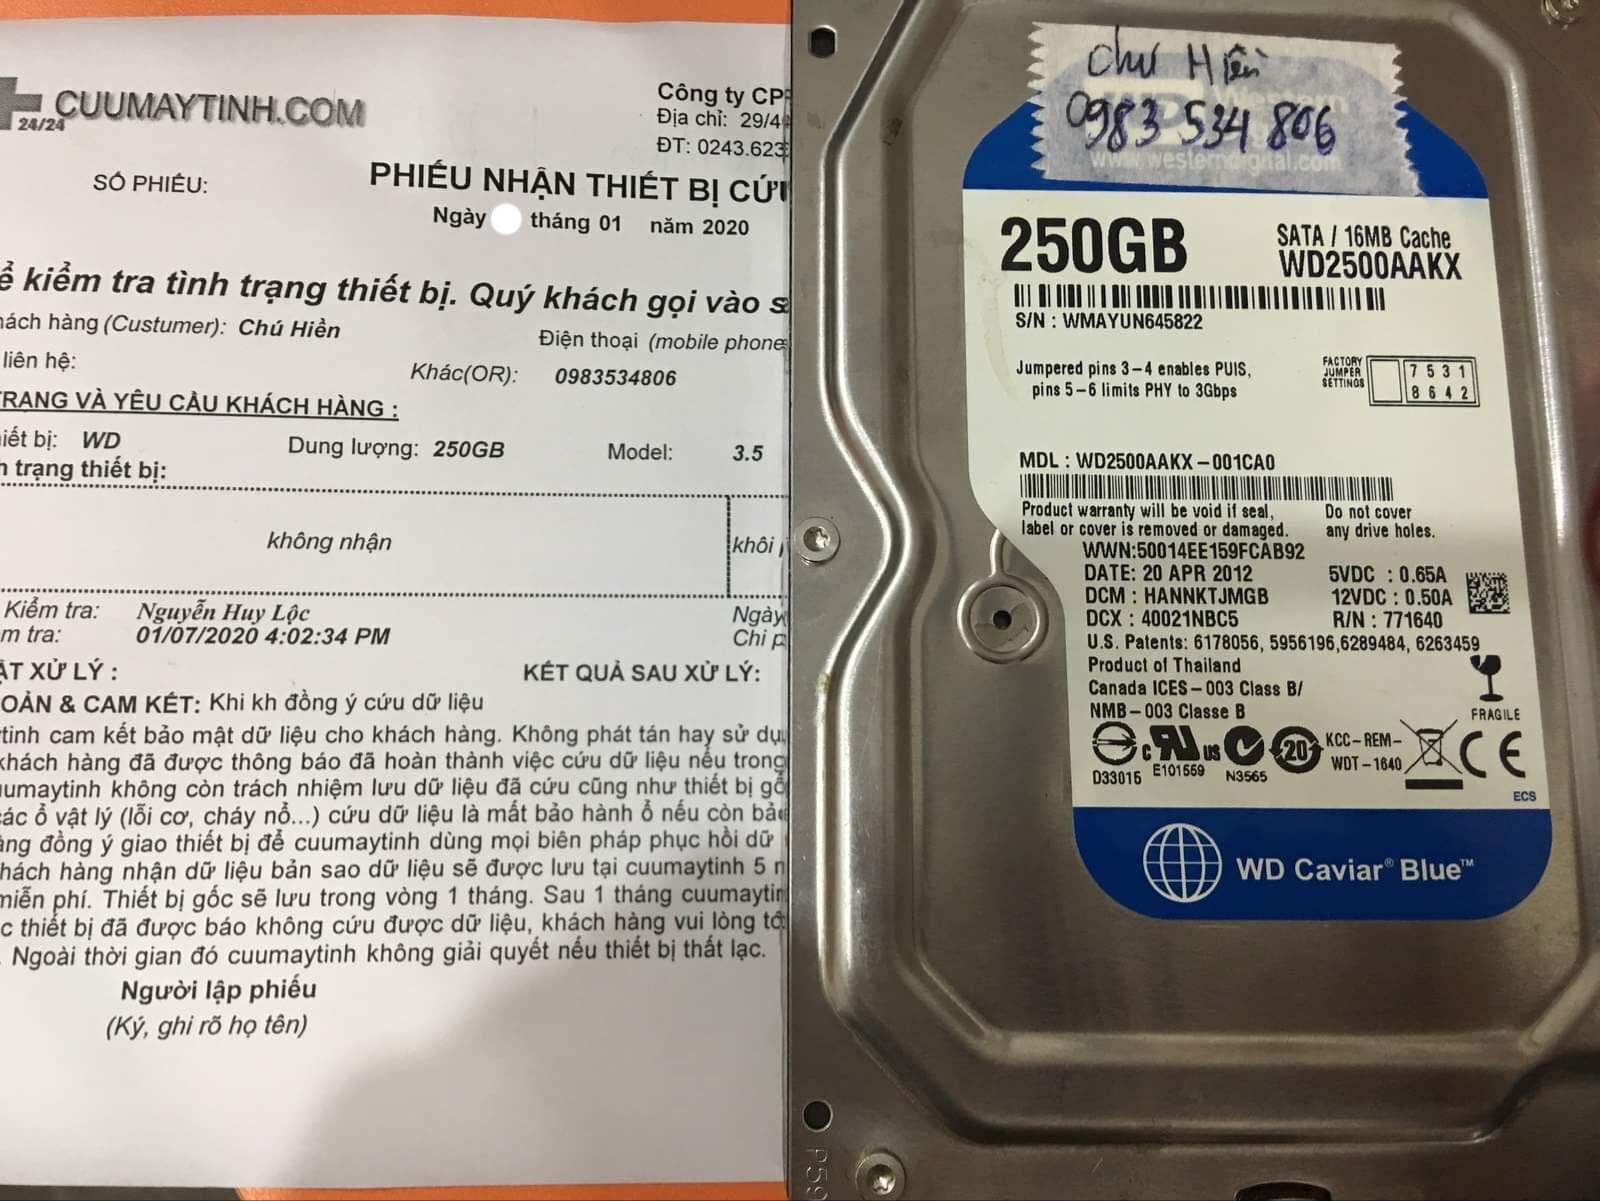 Phục hồi dữ liệu ổ cứng Western 250GB không nhận 08/01/2020 - cuumaytinh